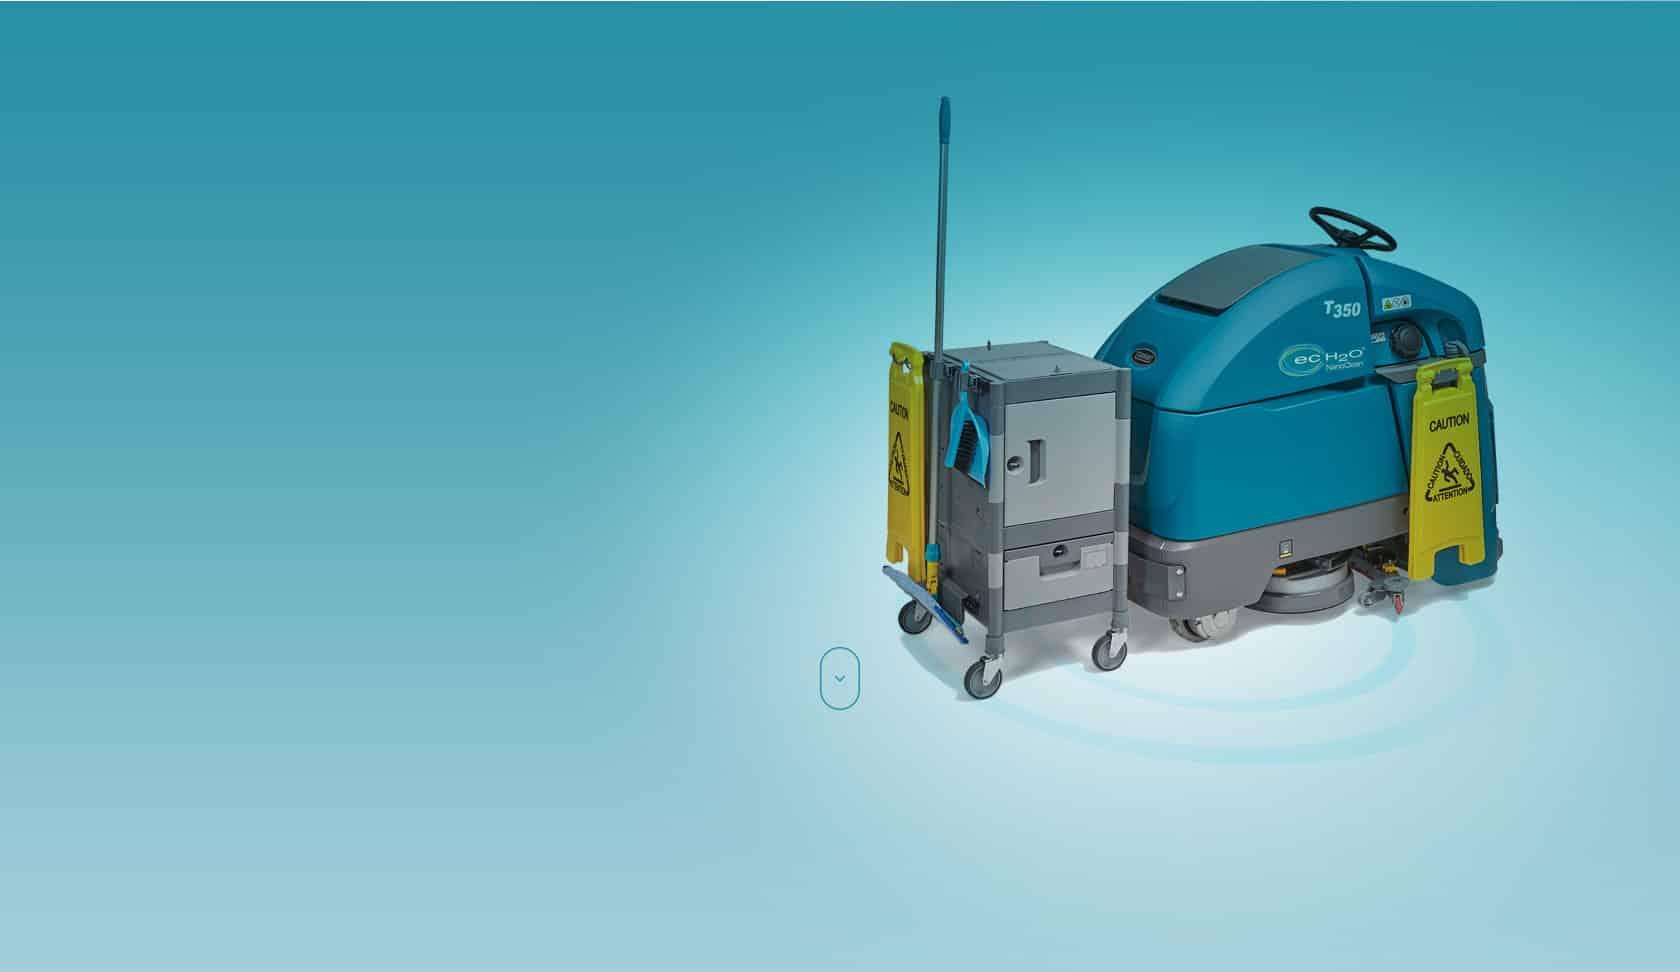 SPMAT-Slide-T350-clickcart